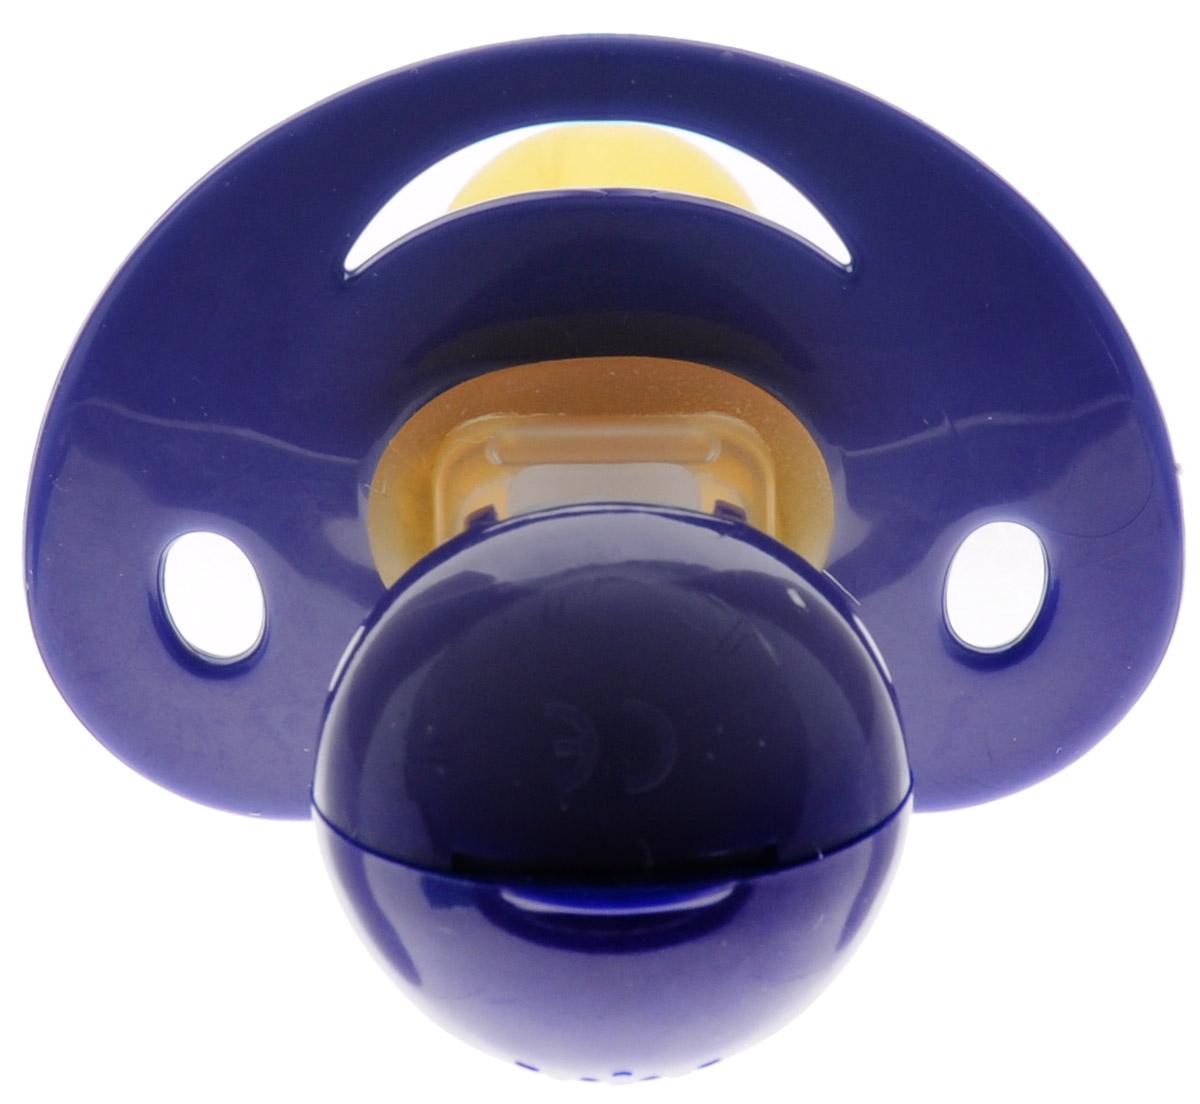 Baby-Frank Пустышка латексная для ингаляции от 0 до 6 месяцев цвет темно-синий пустышки для медикаментов baby frank пустышка для ингаляции